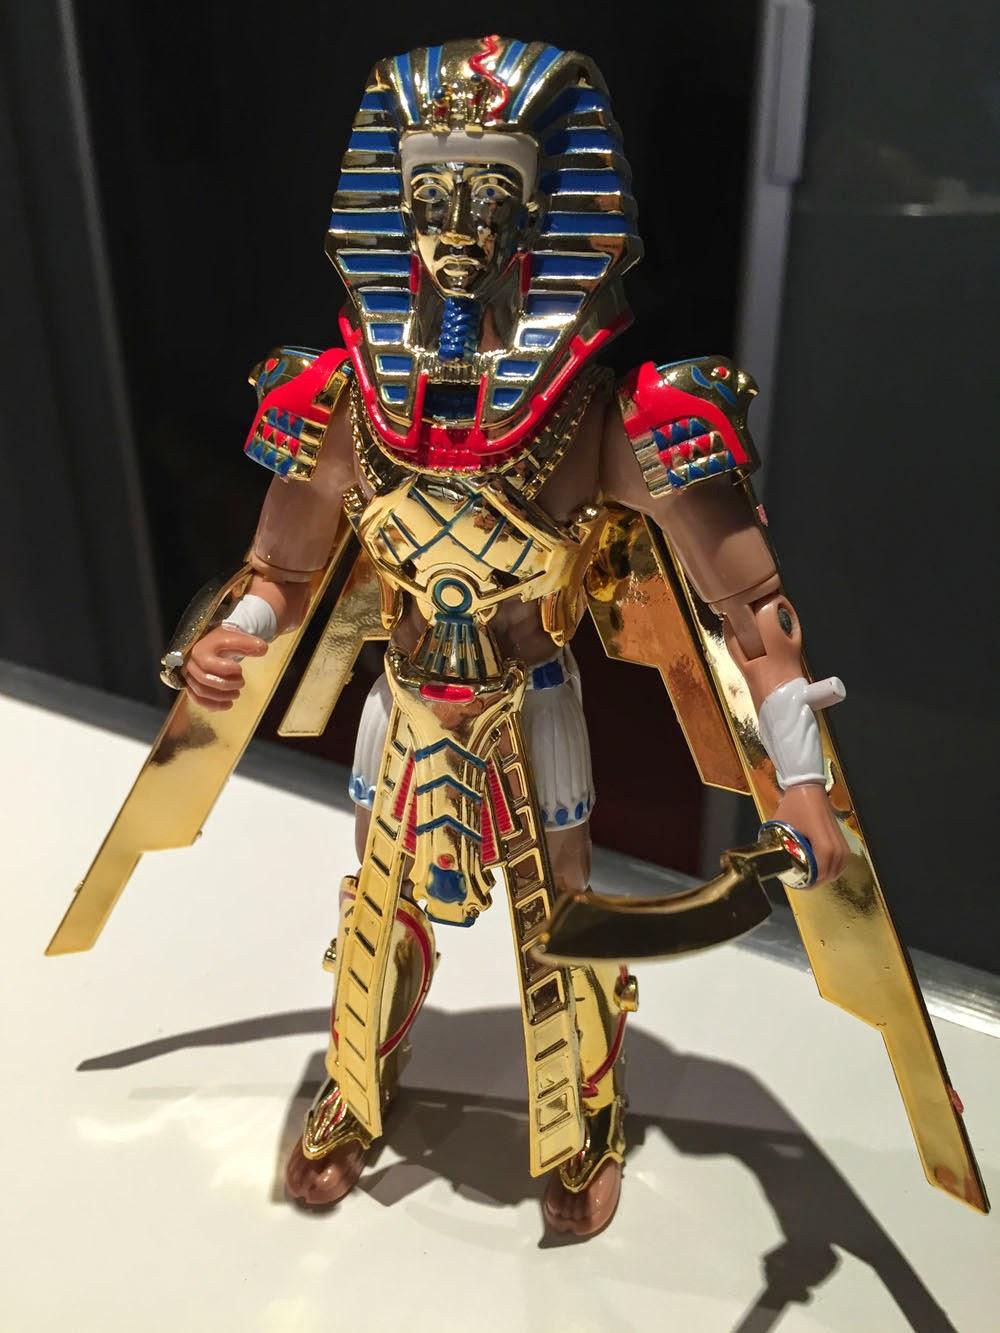 6-Ramses-Il-faraone-d-oro-giochi-preziosi